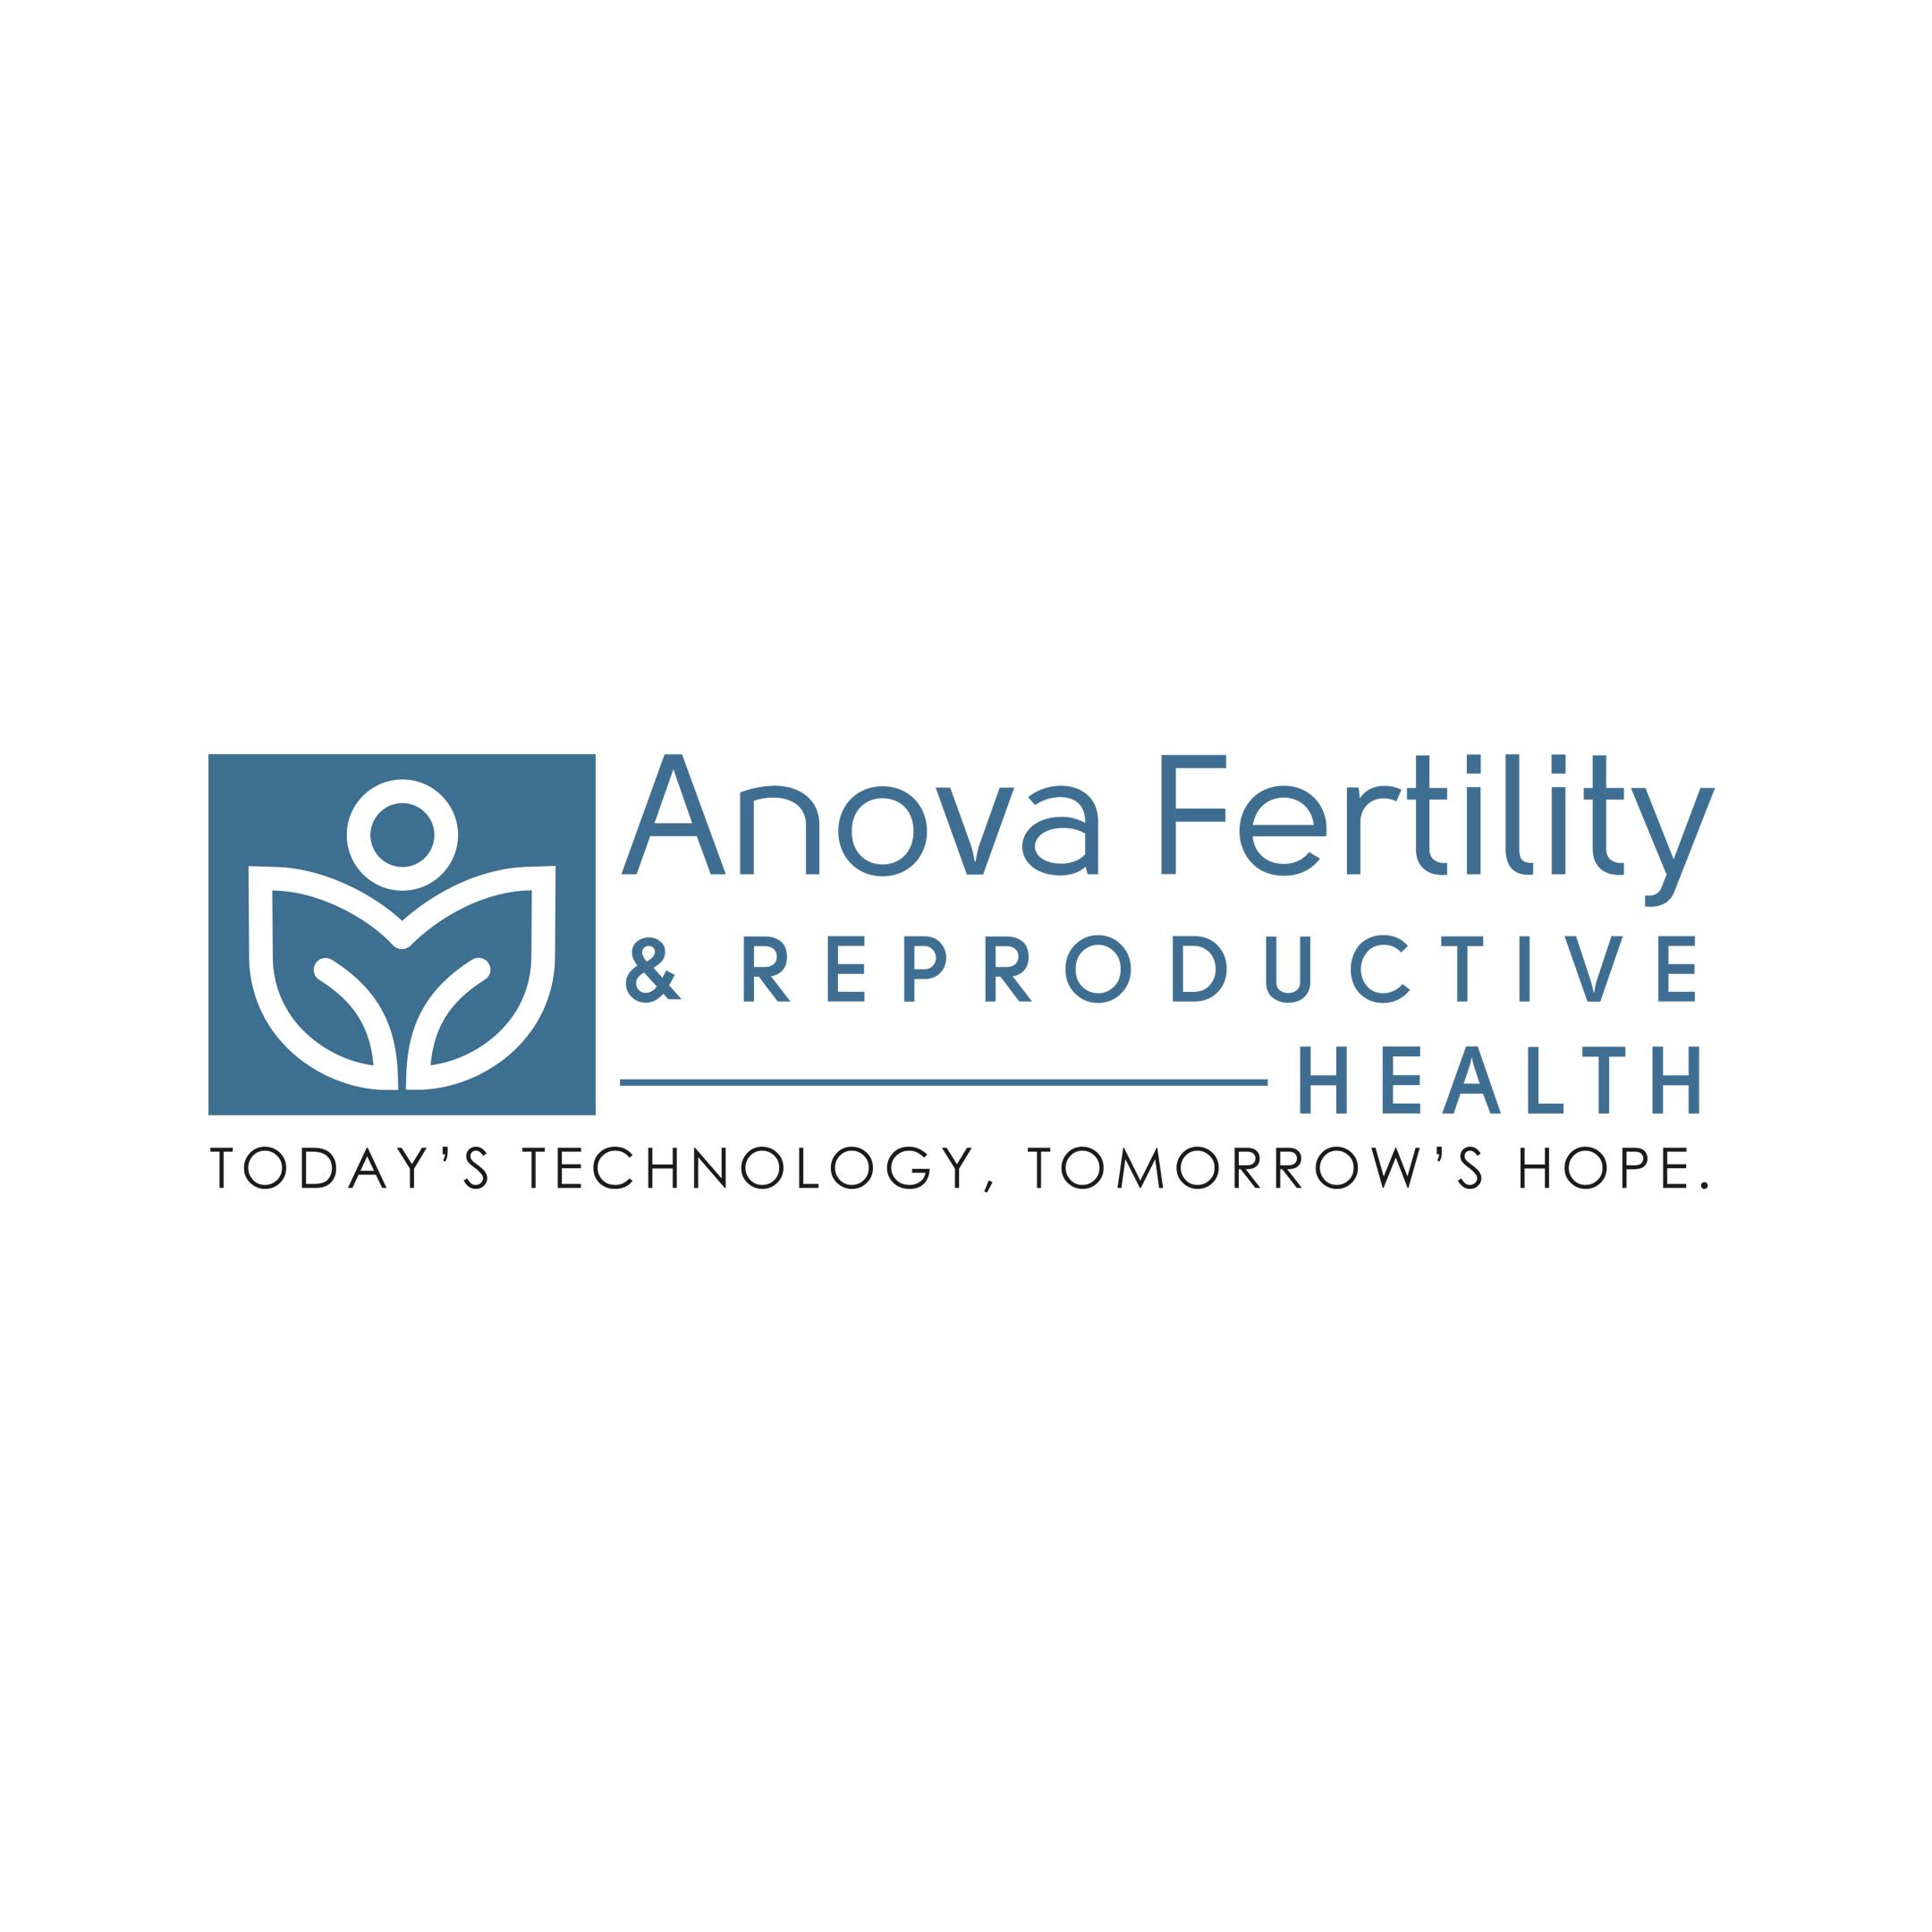 Le chef de file des laboratoires de  FIV de nouvelle génération au Canada    ANOVA FERTILITY & REPRODUCTIVE HEALTH    PLUS